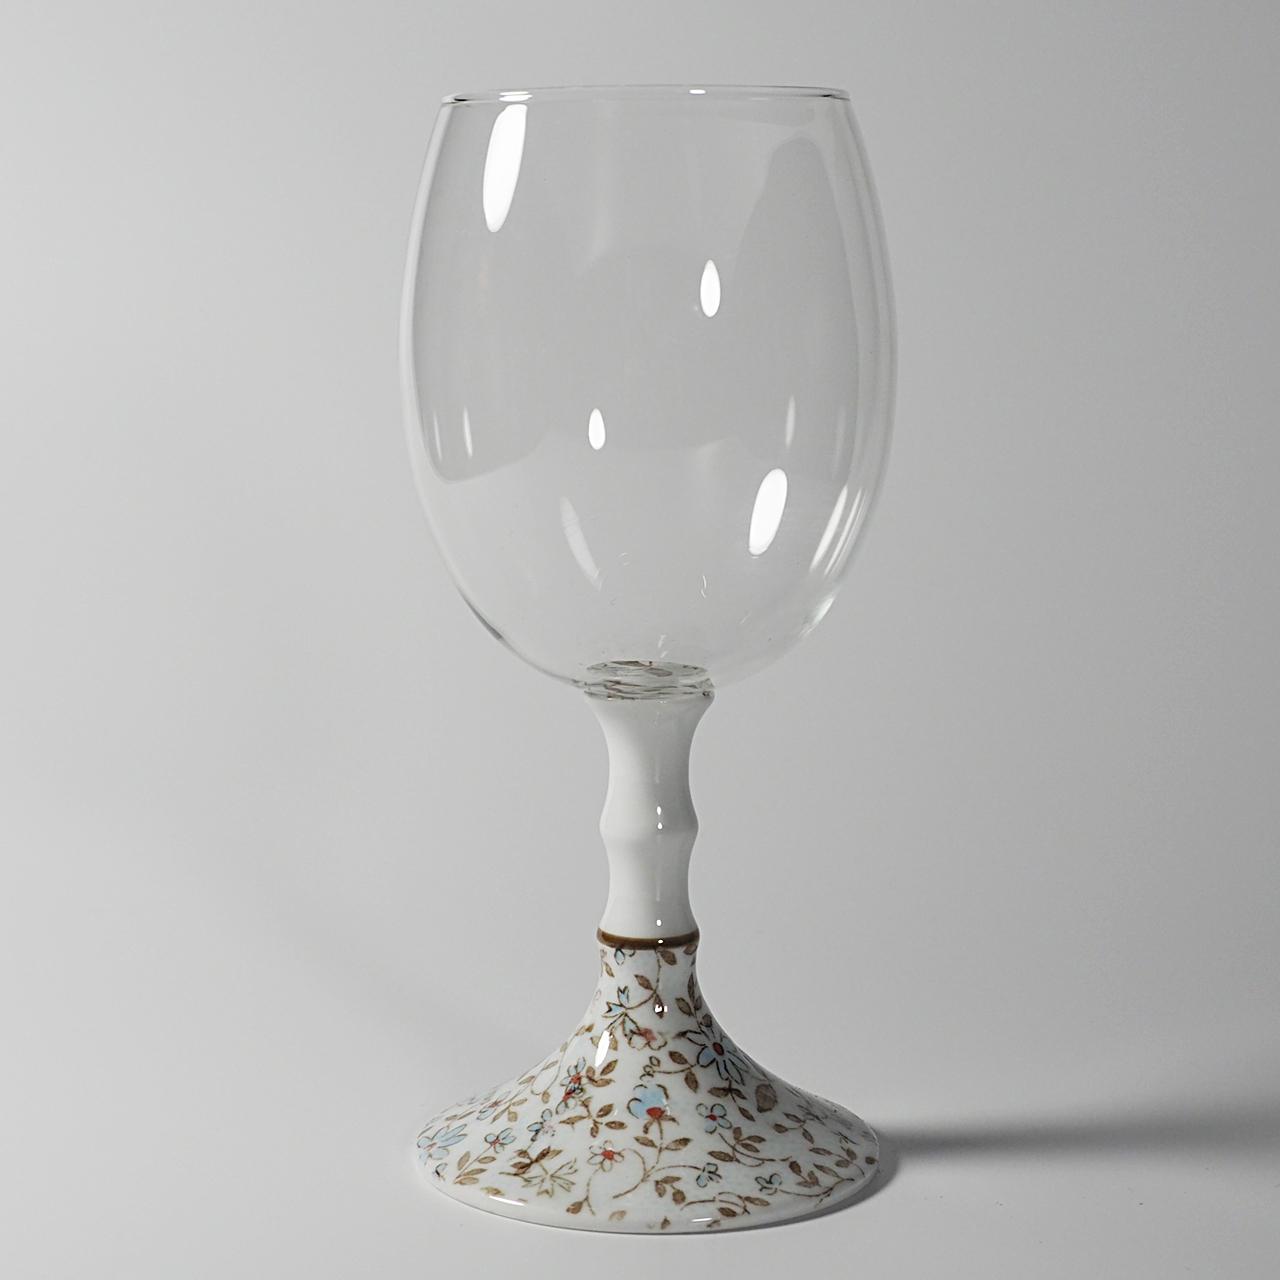 ワイングラス (カノン) 20-218